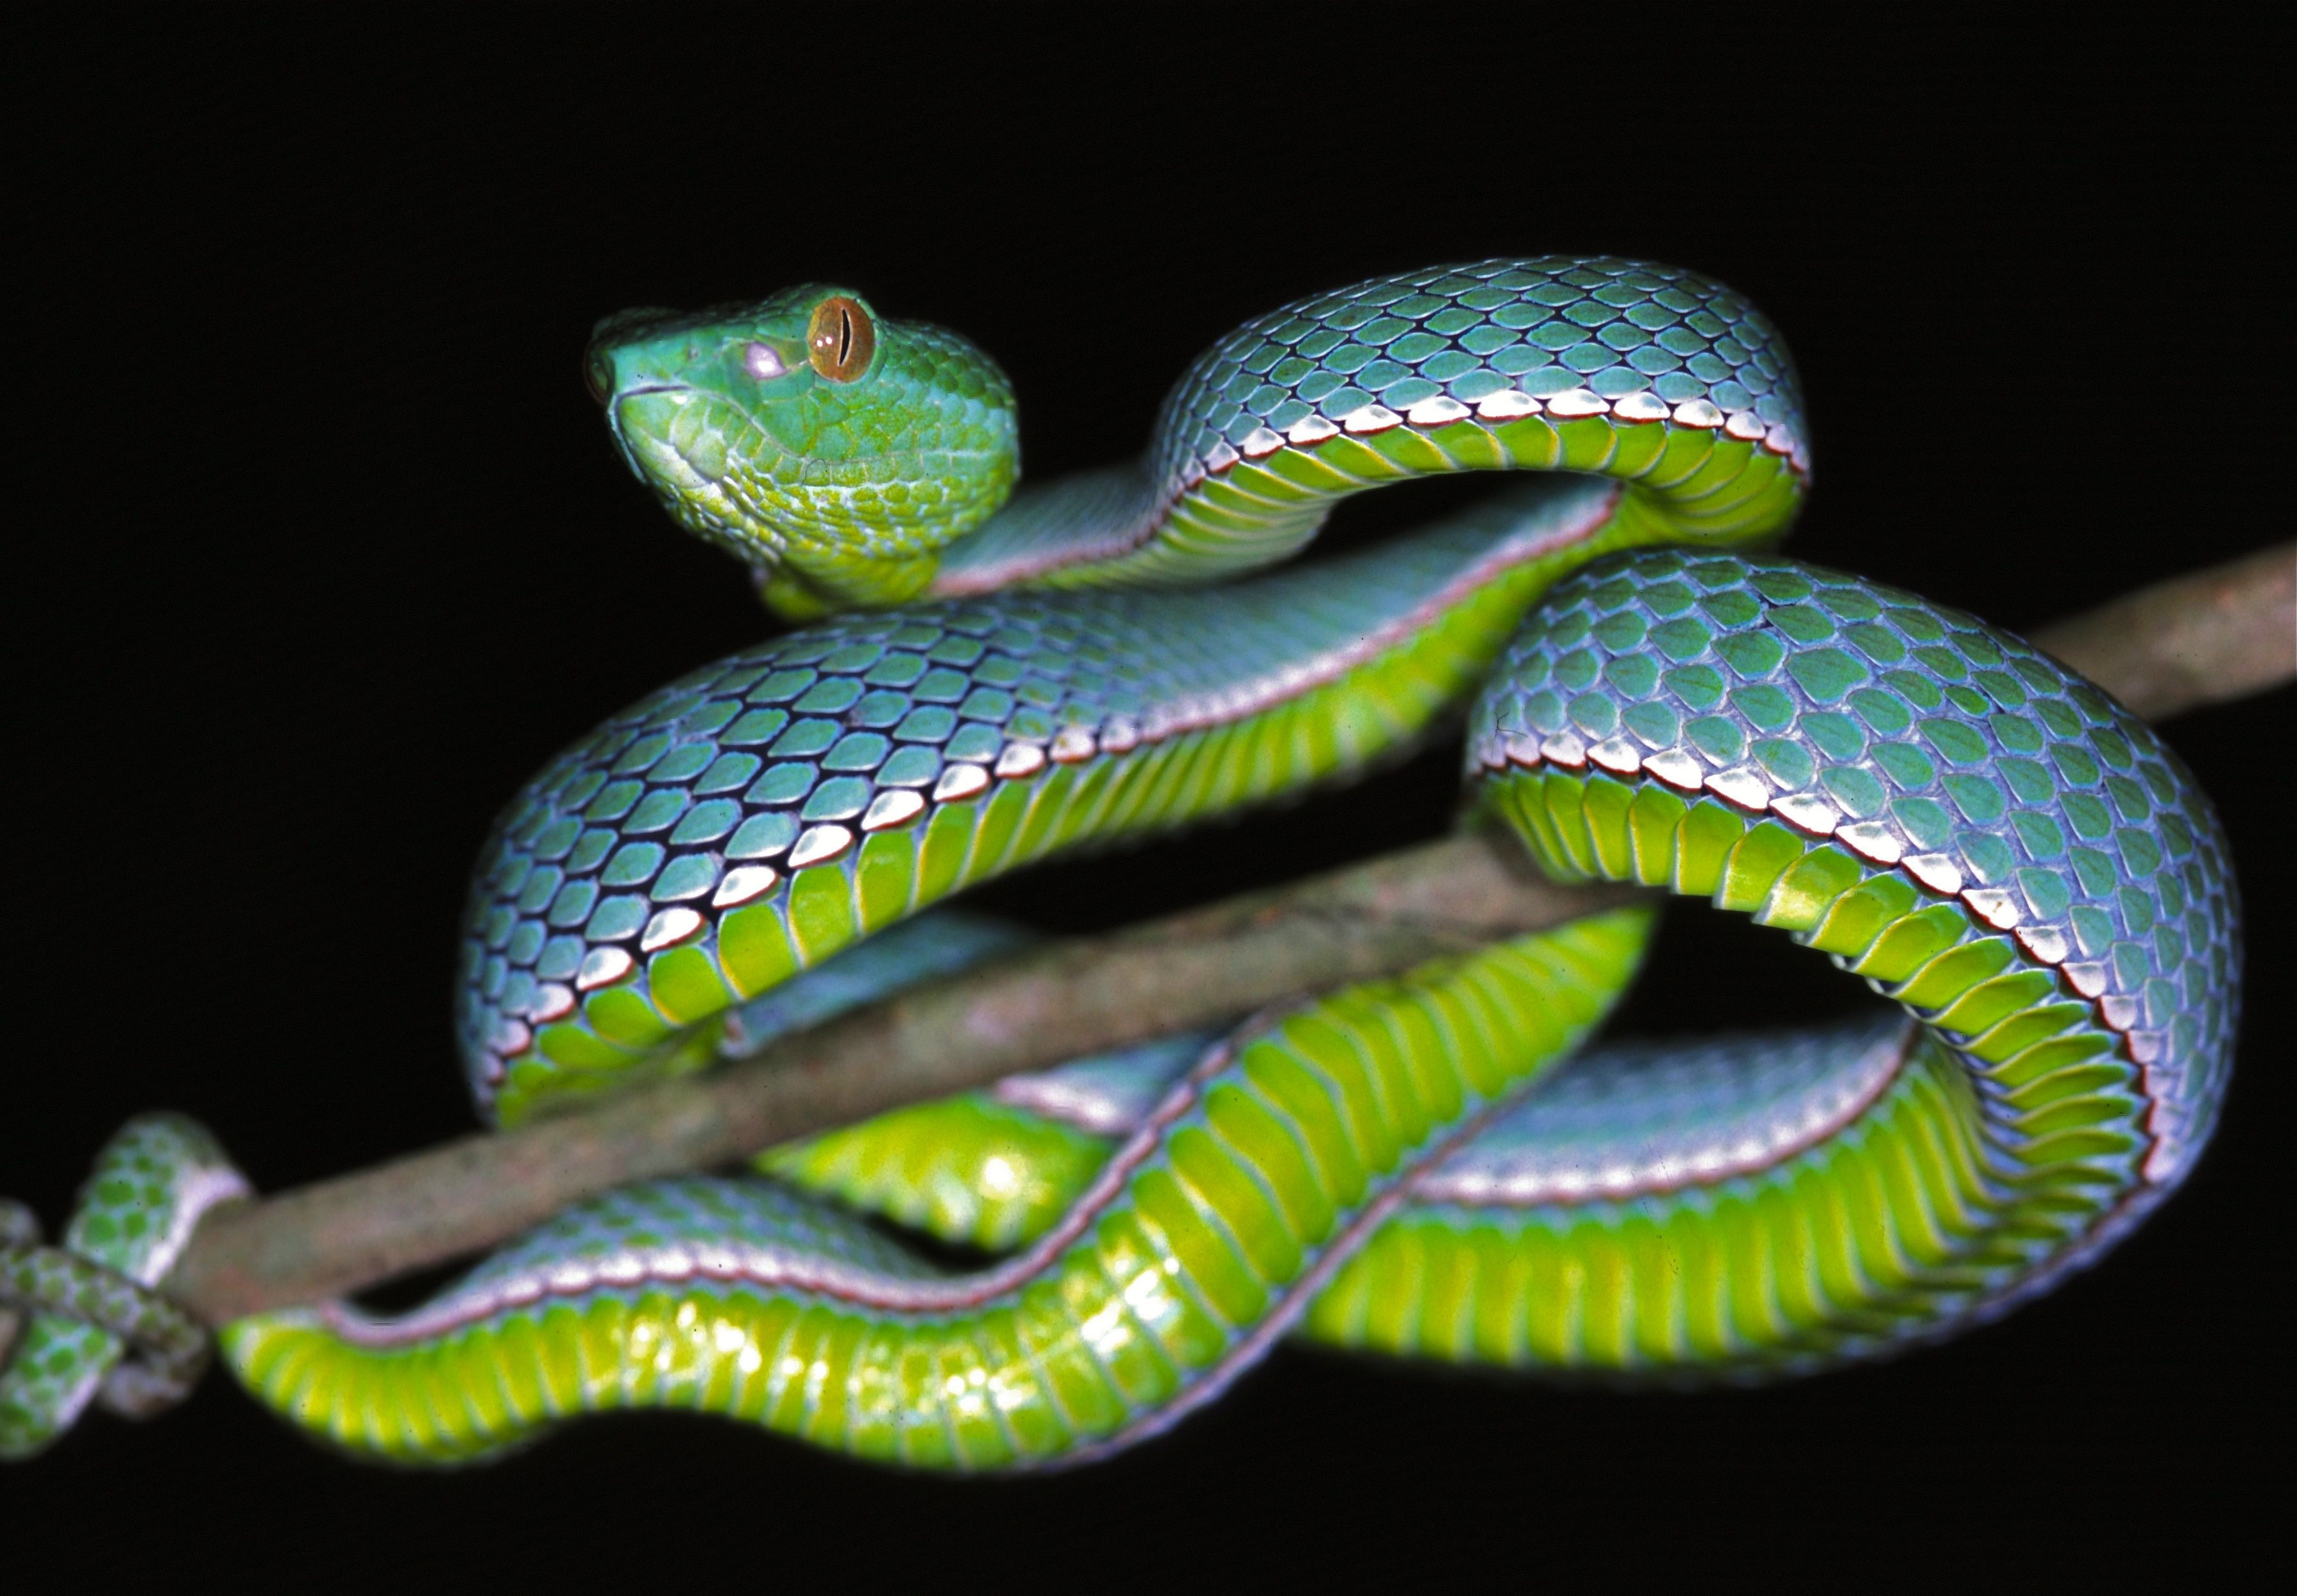 давно самые красивые змеи планеты фото содержания